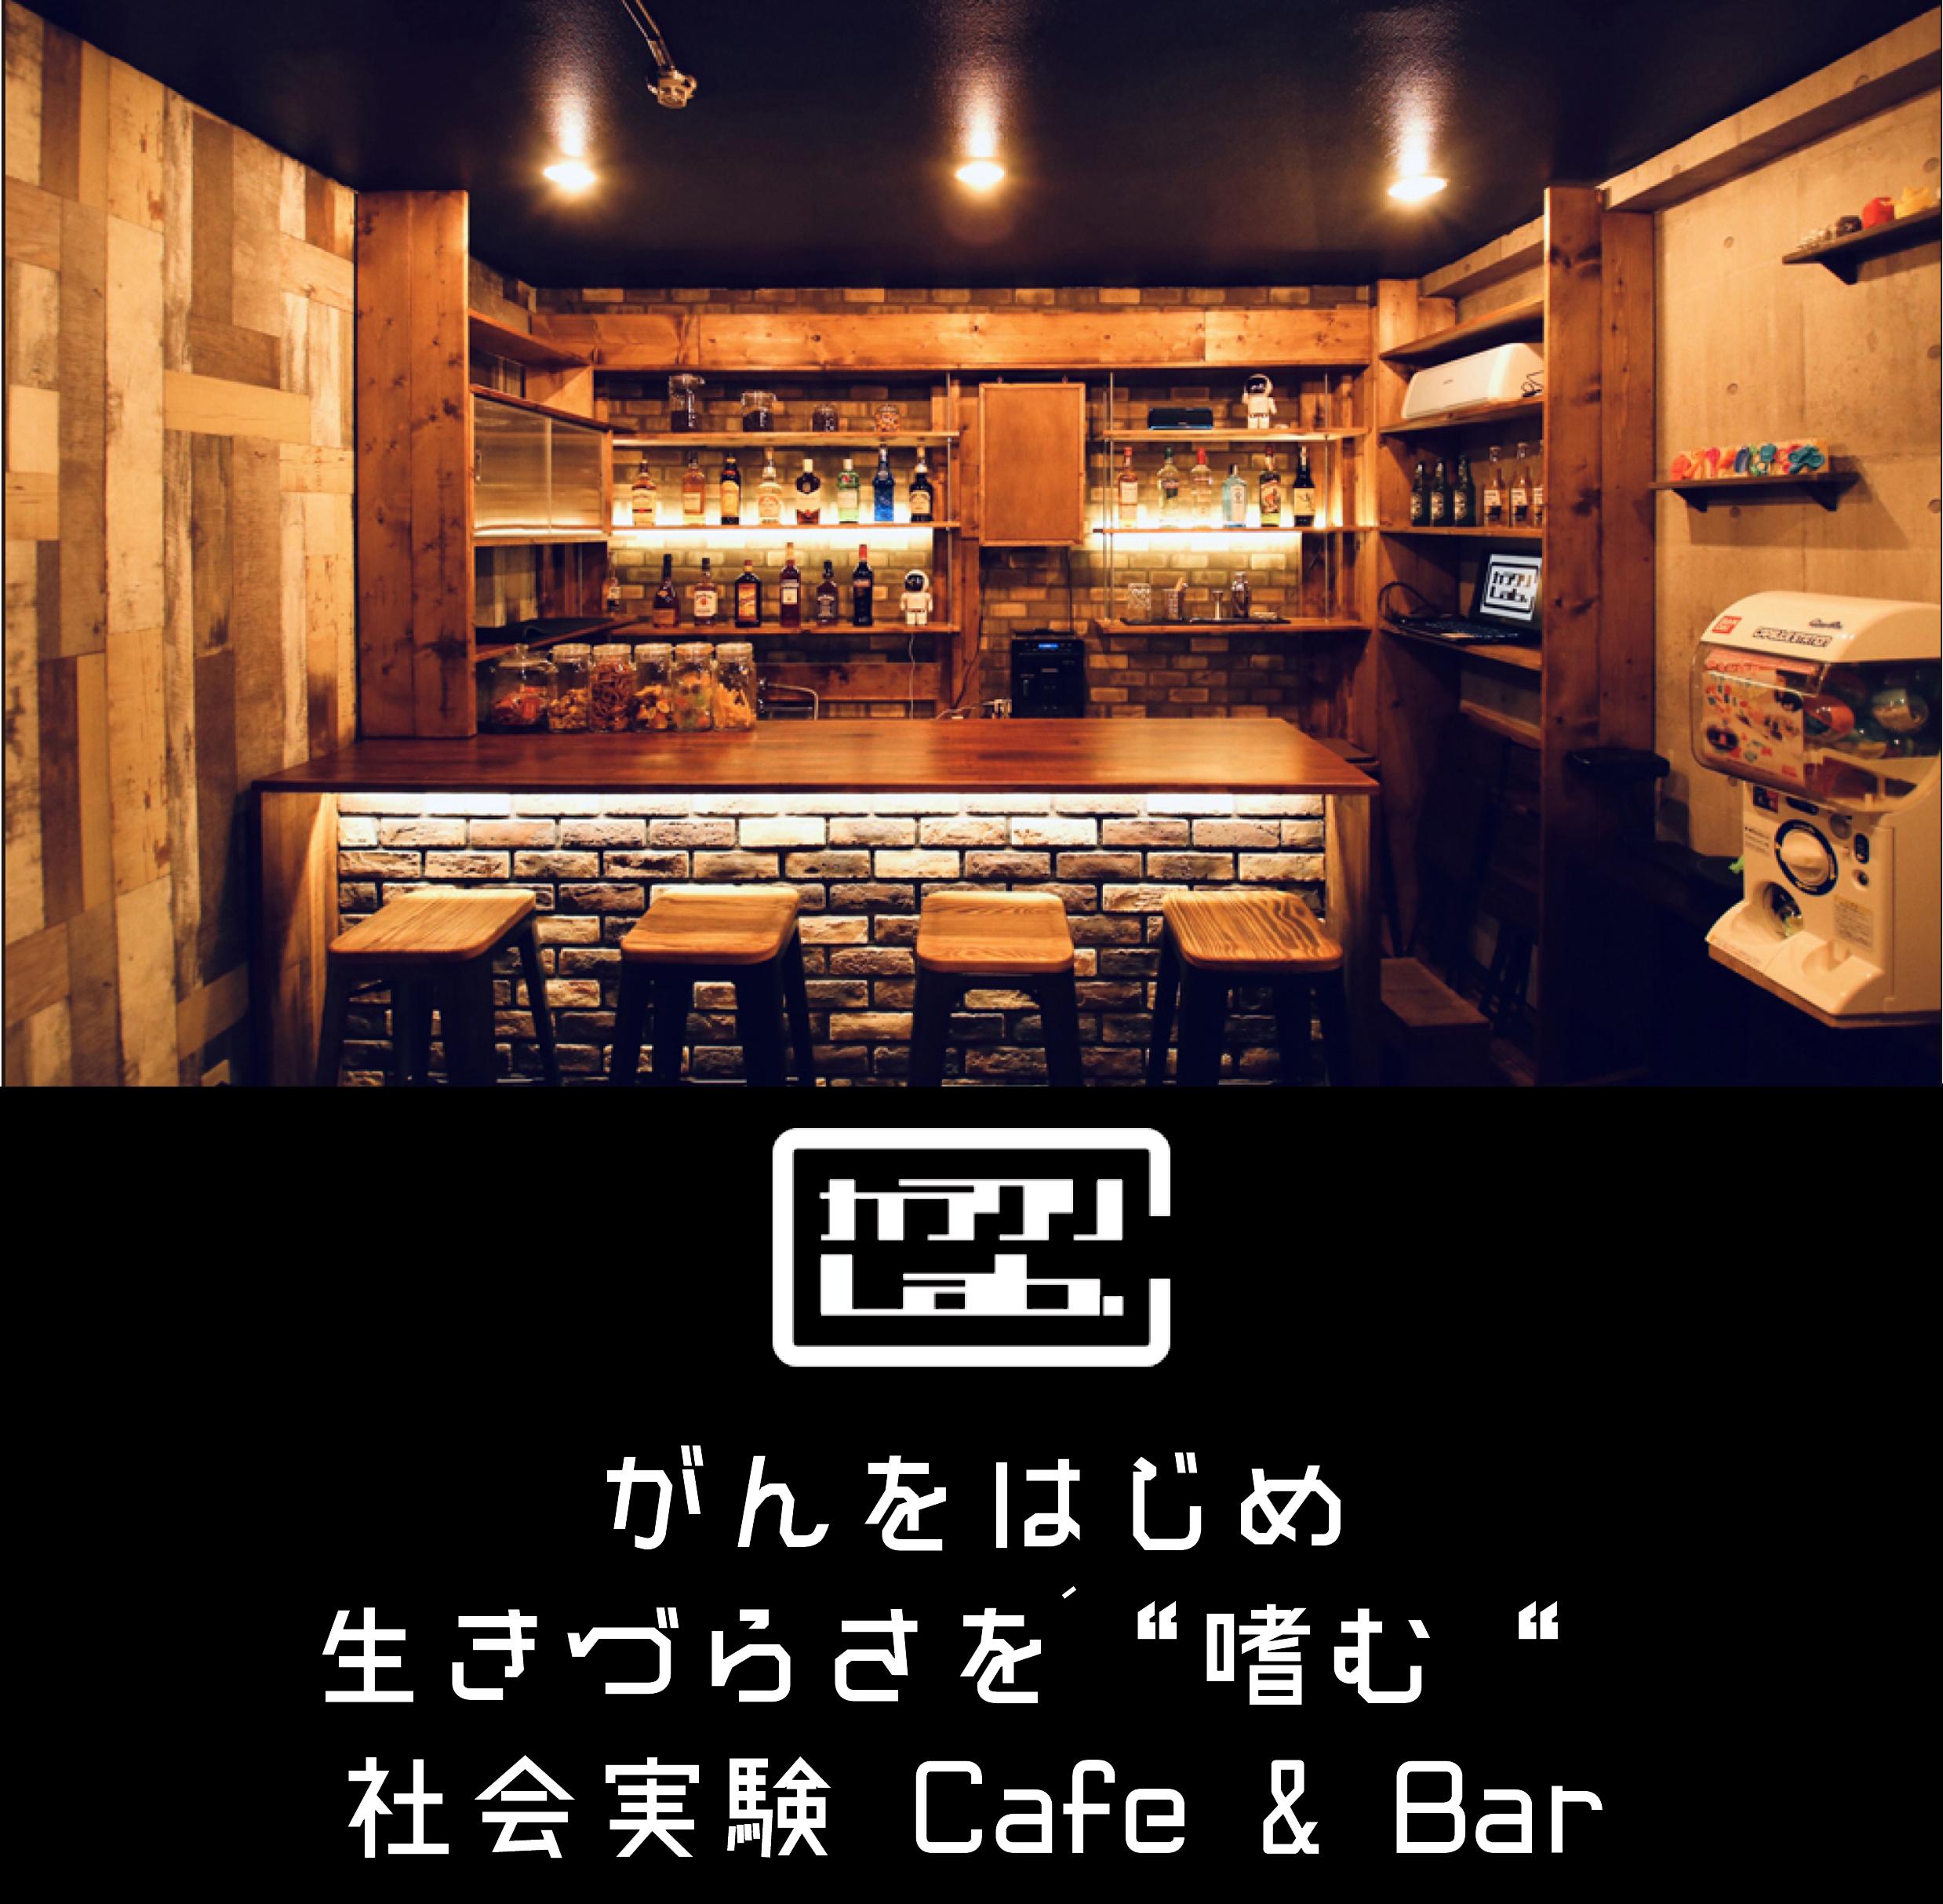 """カラクリLab.(カラクリラボ)《梅田駅から徒歩6分》がんをはじめ生きづらさを""""嗜む"""" 社会実験 Cafe & Bar です。"""